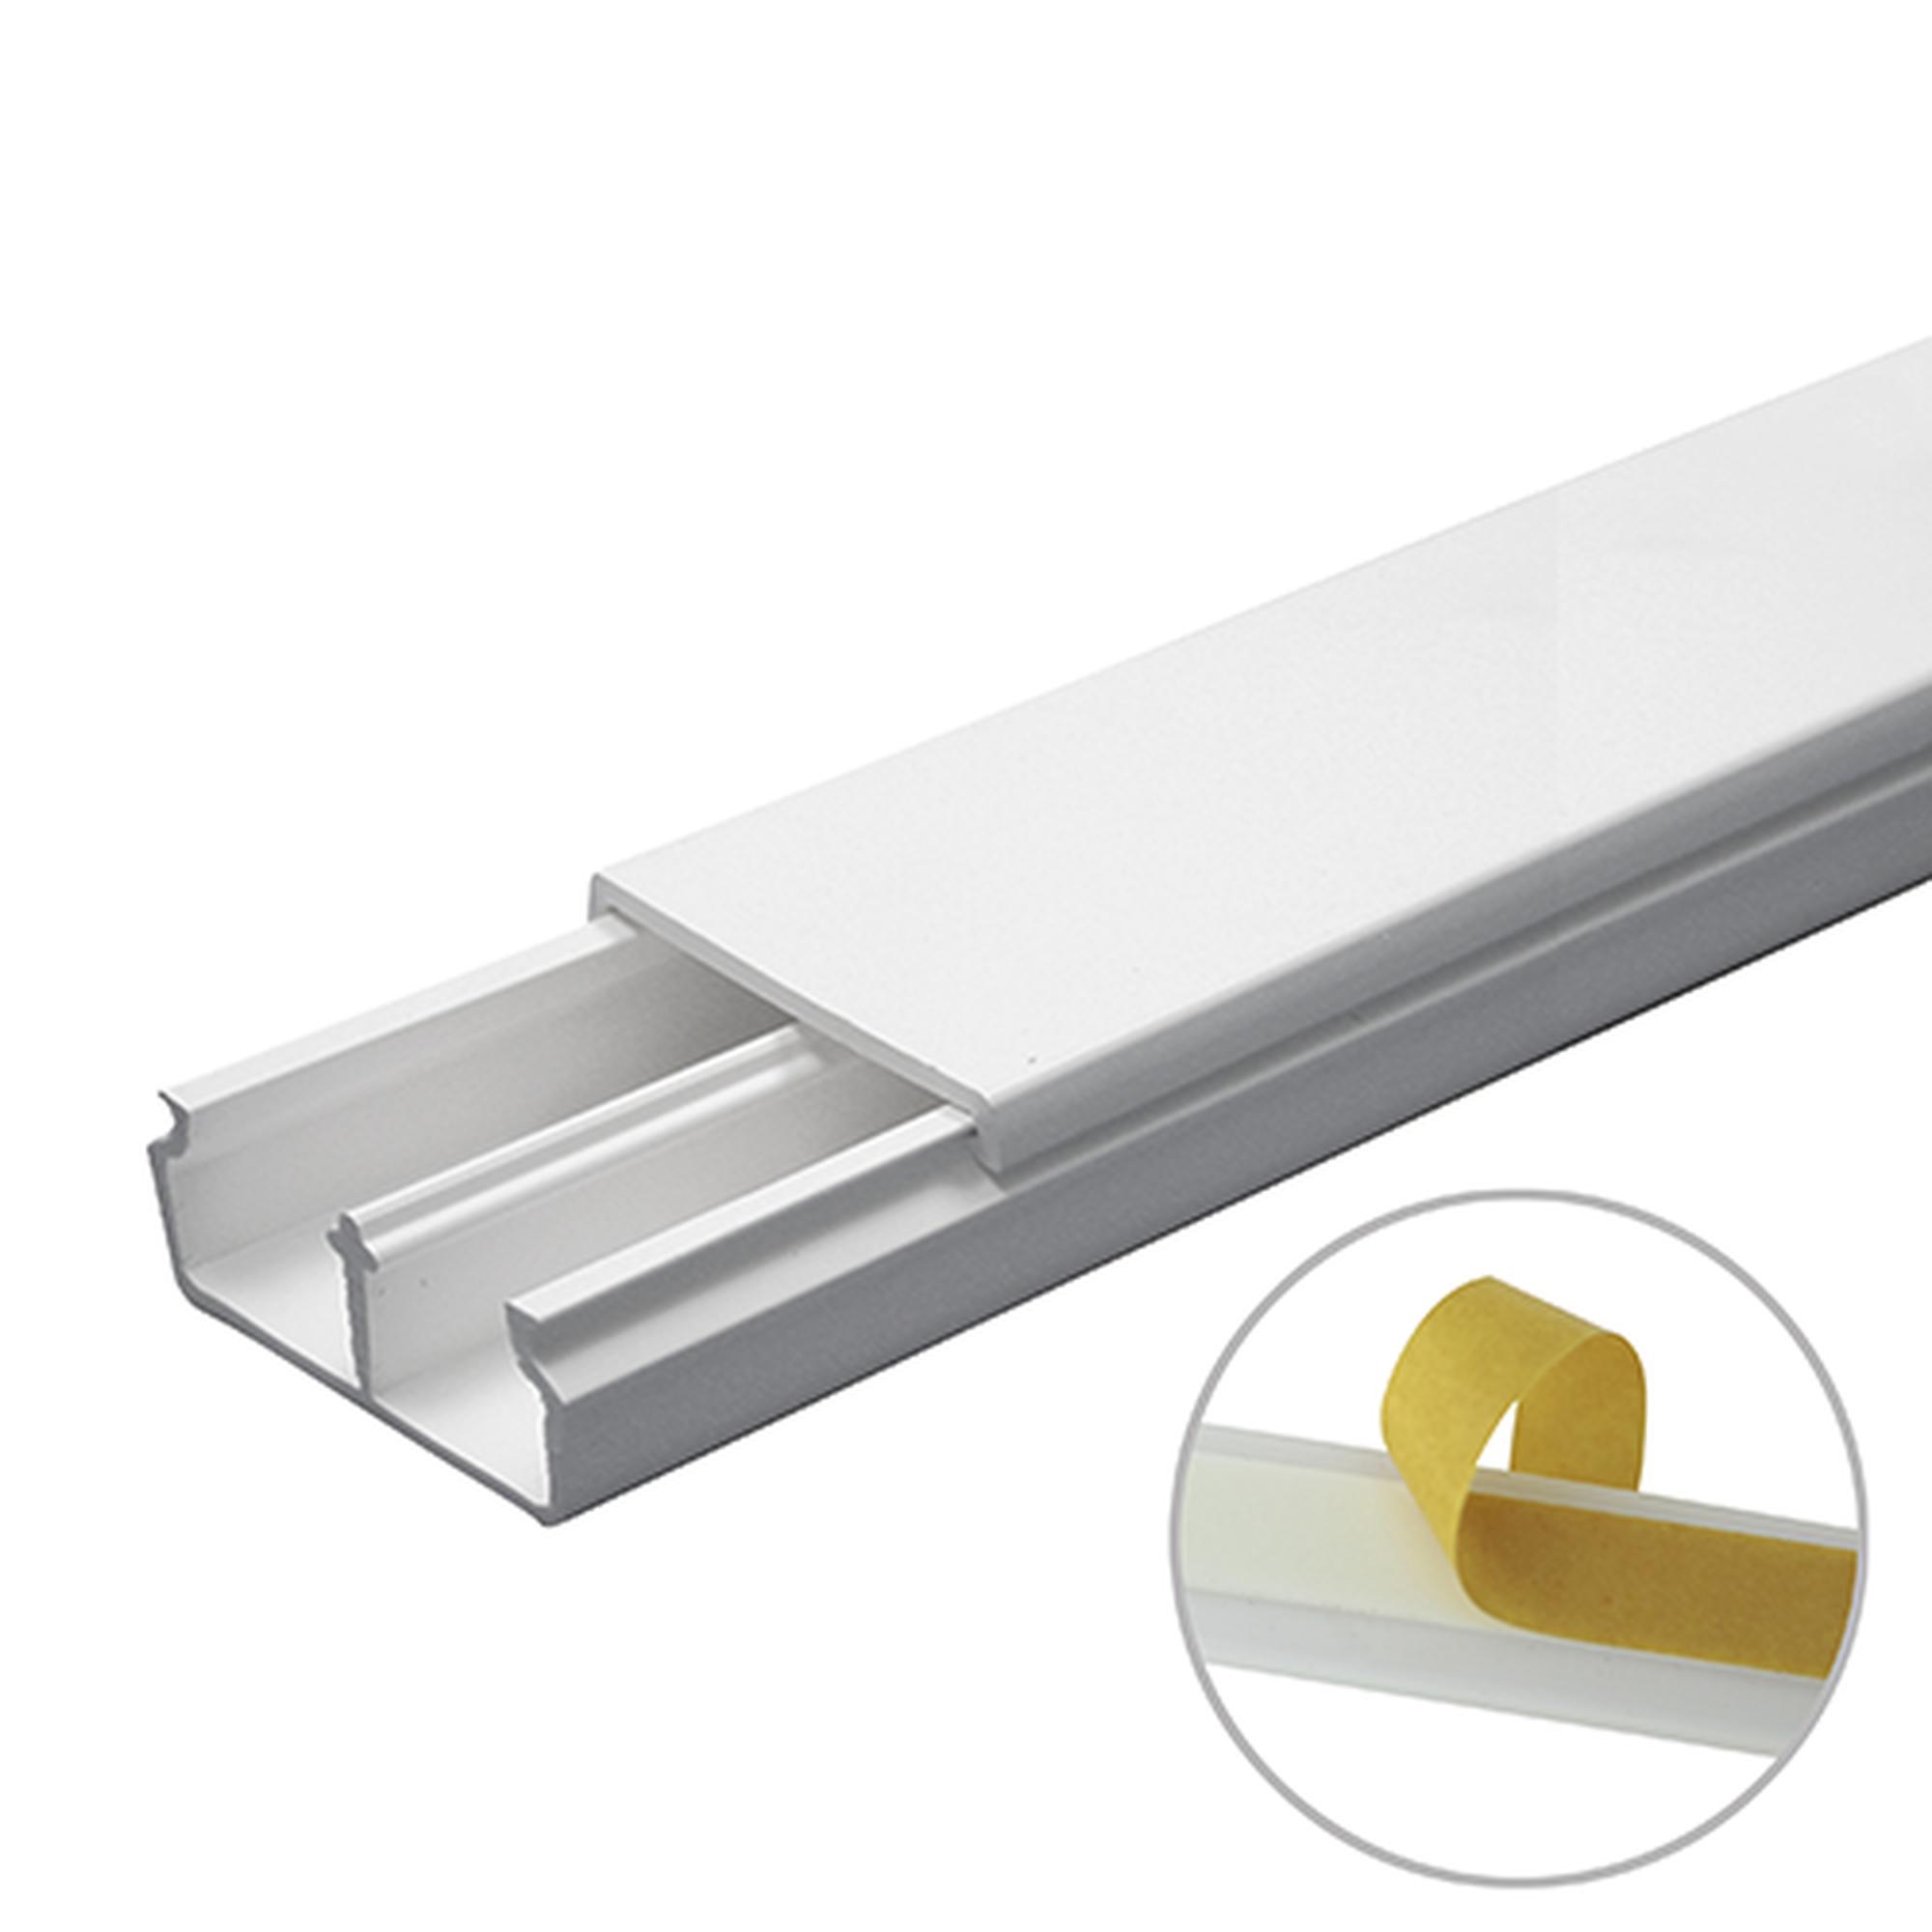 Canaleta en color blanco de PVC auto extinguible, con divisón 35 x 17, tramo de 6 pies, con cinta adhesiva (5301-21252)